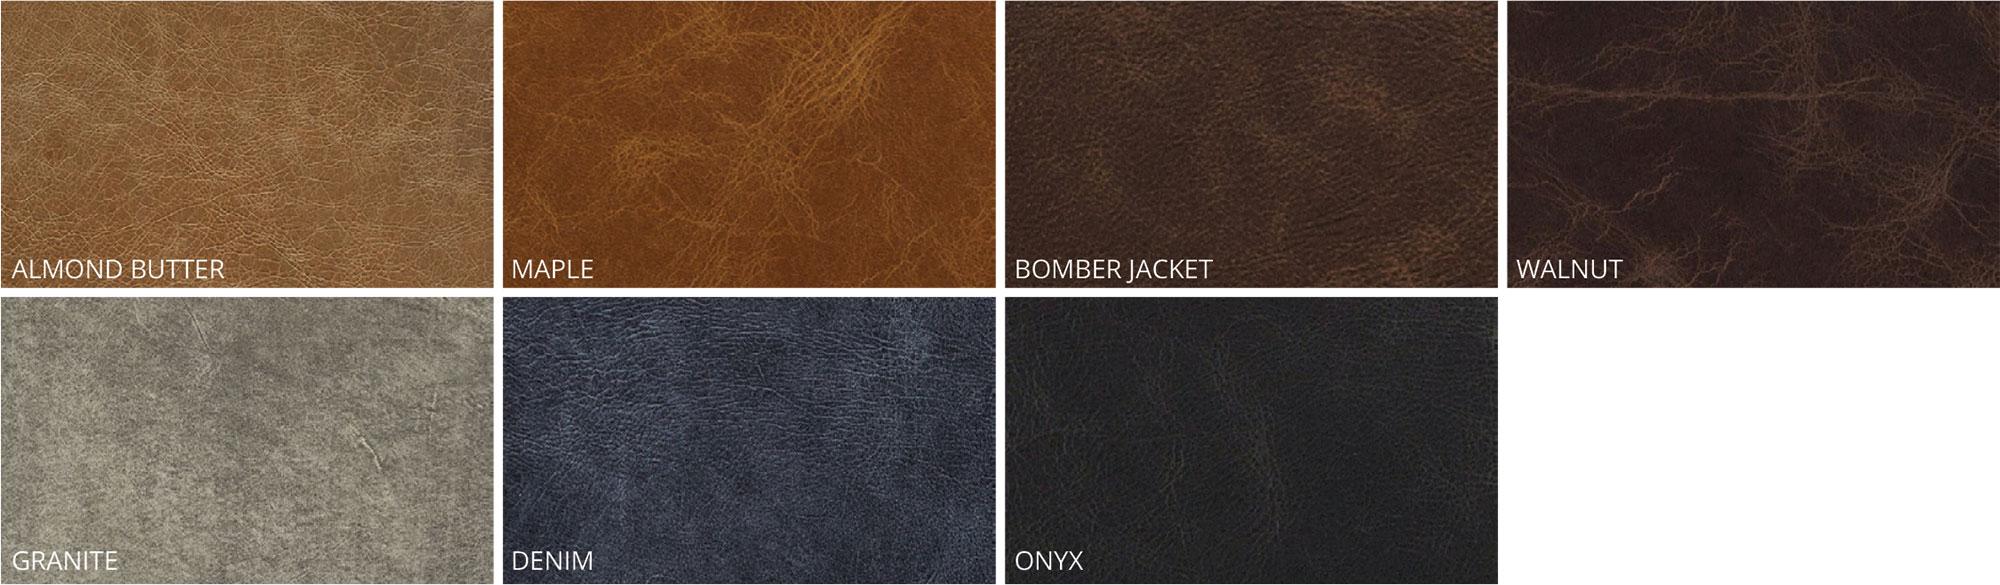 Album swatch rustic leather